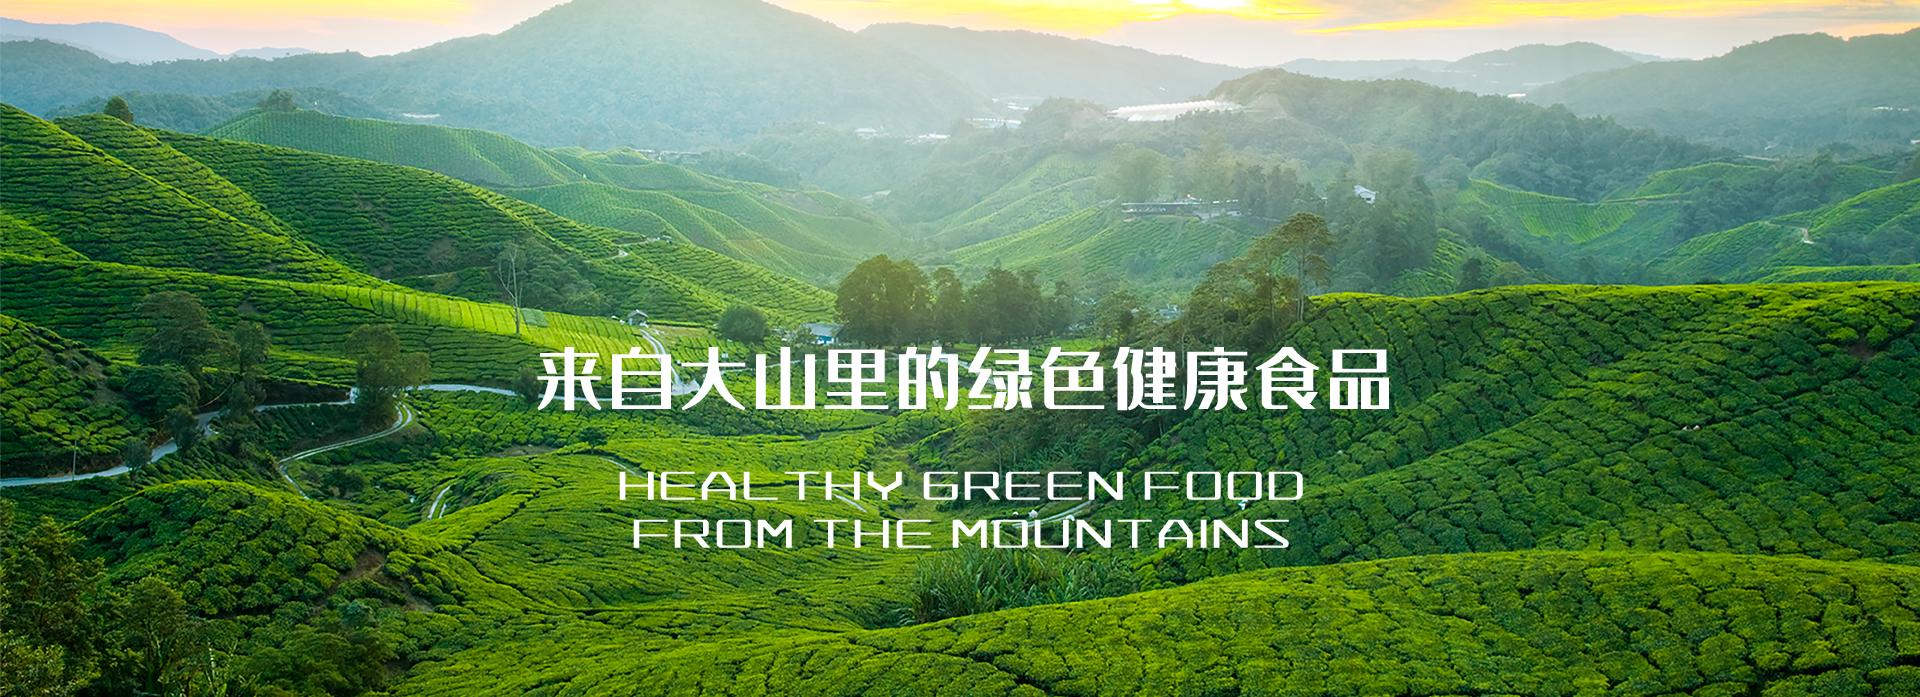 神农集团,神农本草,神农本草农业集团